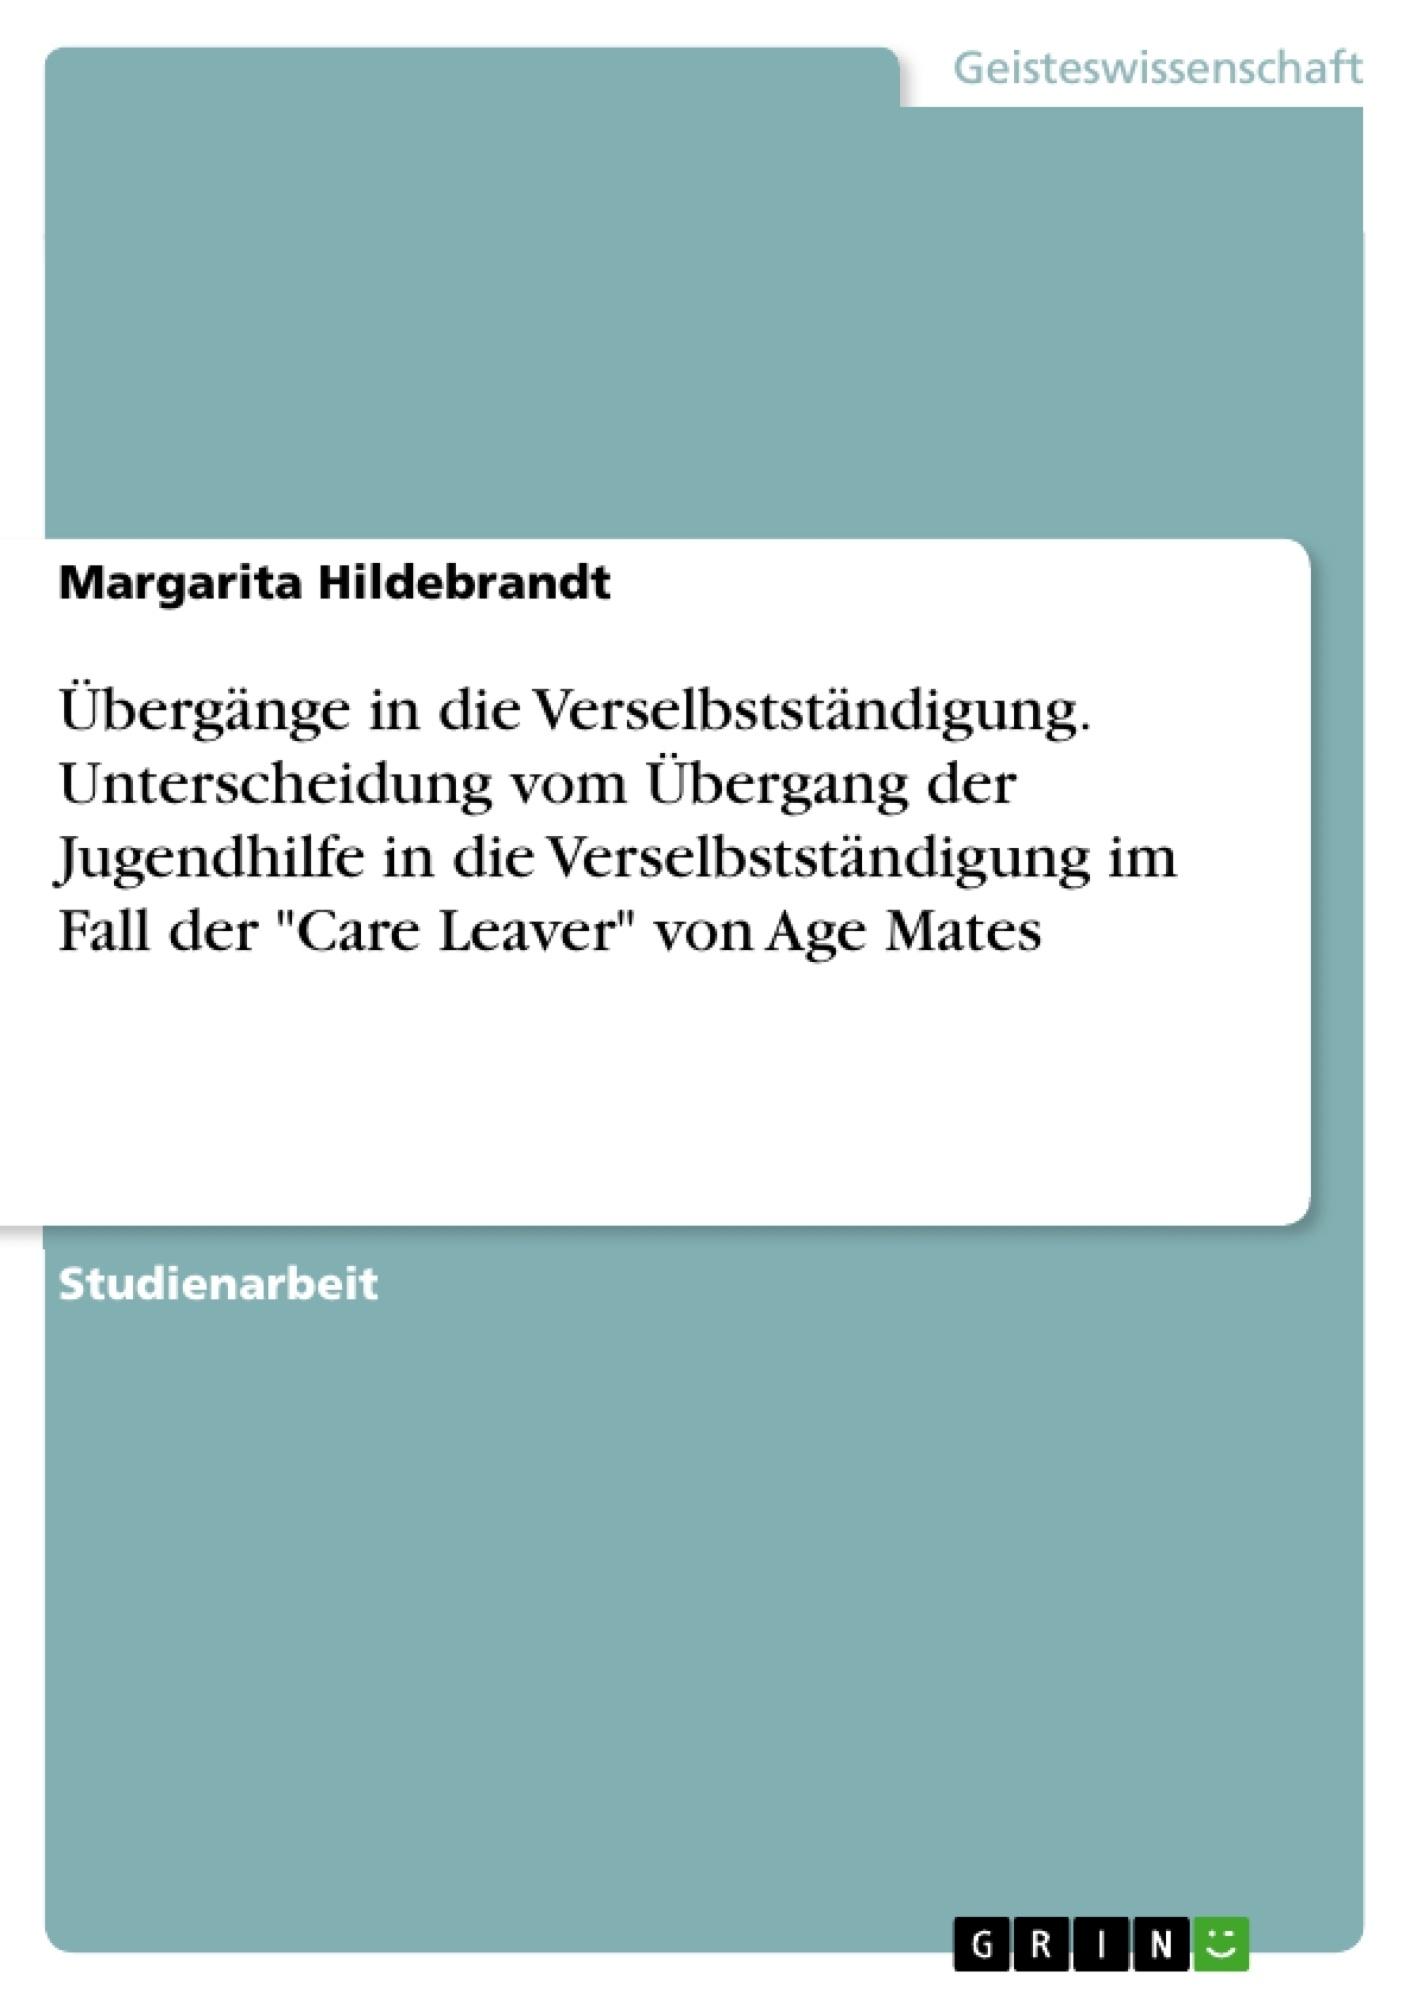 """Titel: Übergänge in die Verselbstständigung. Unterscheidung vom Übergang der Jugendhilfe in die Verselbstständigung im Fall der """"Care Leaver"""" von Age Mates"""